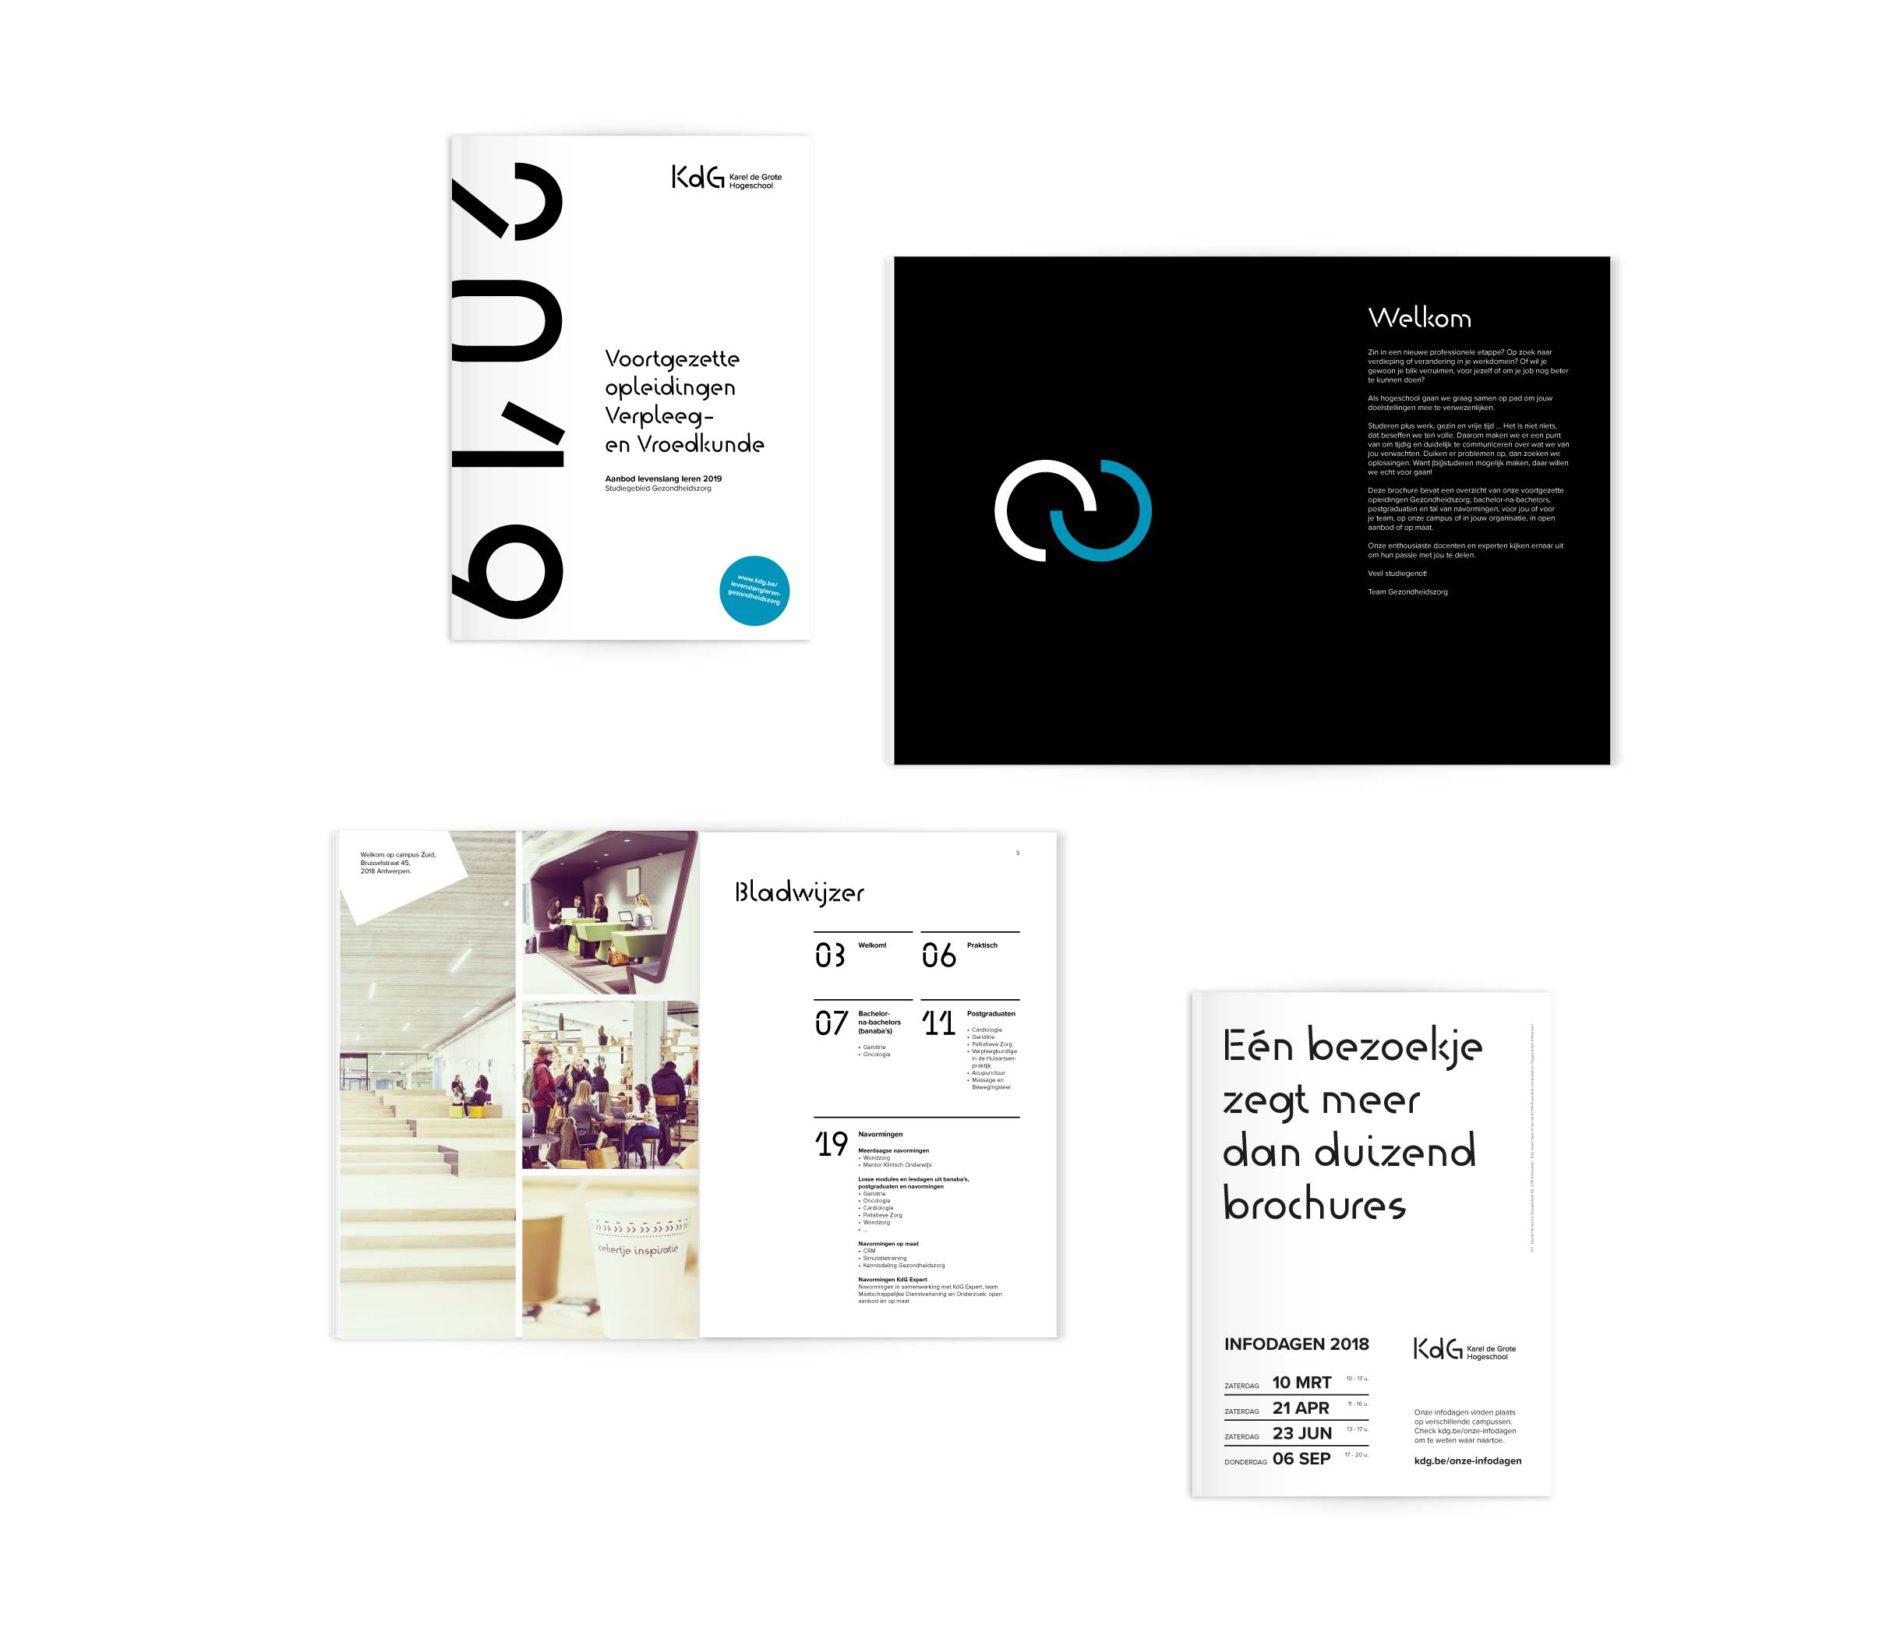 De brochure geeft een overzicht van de verschillende KdG opleidingen.